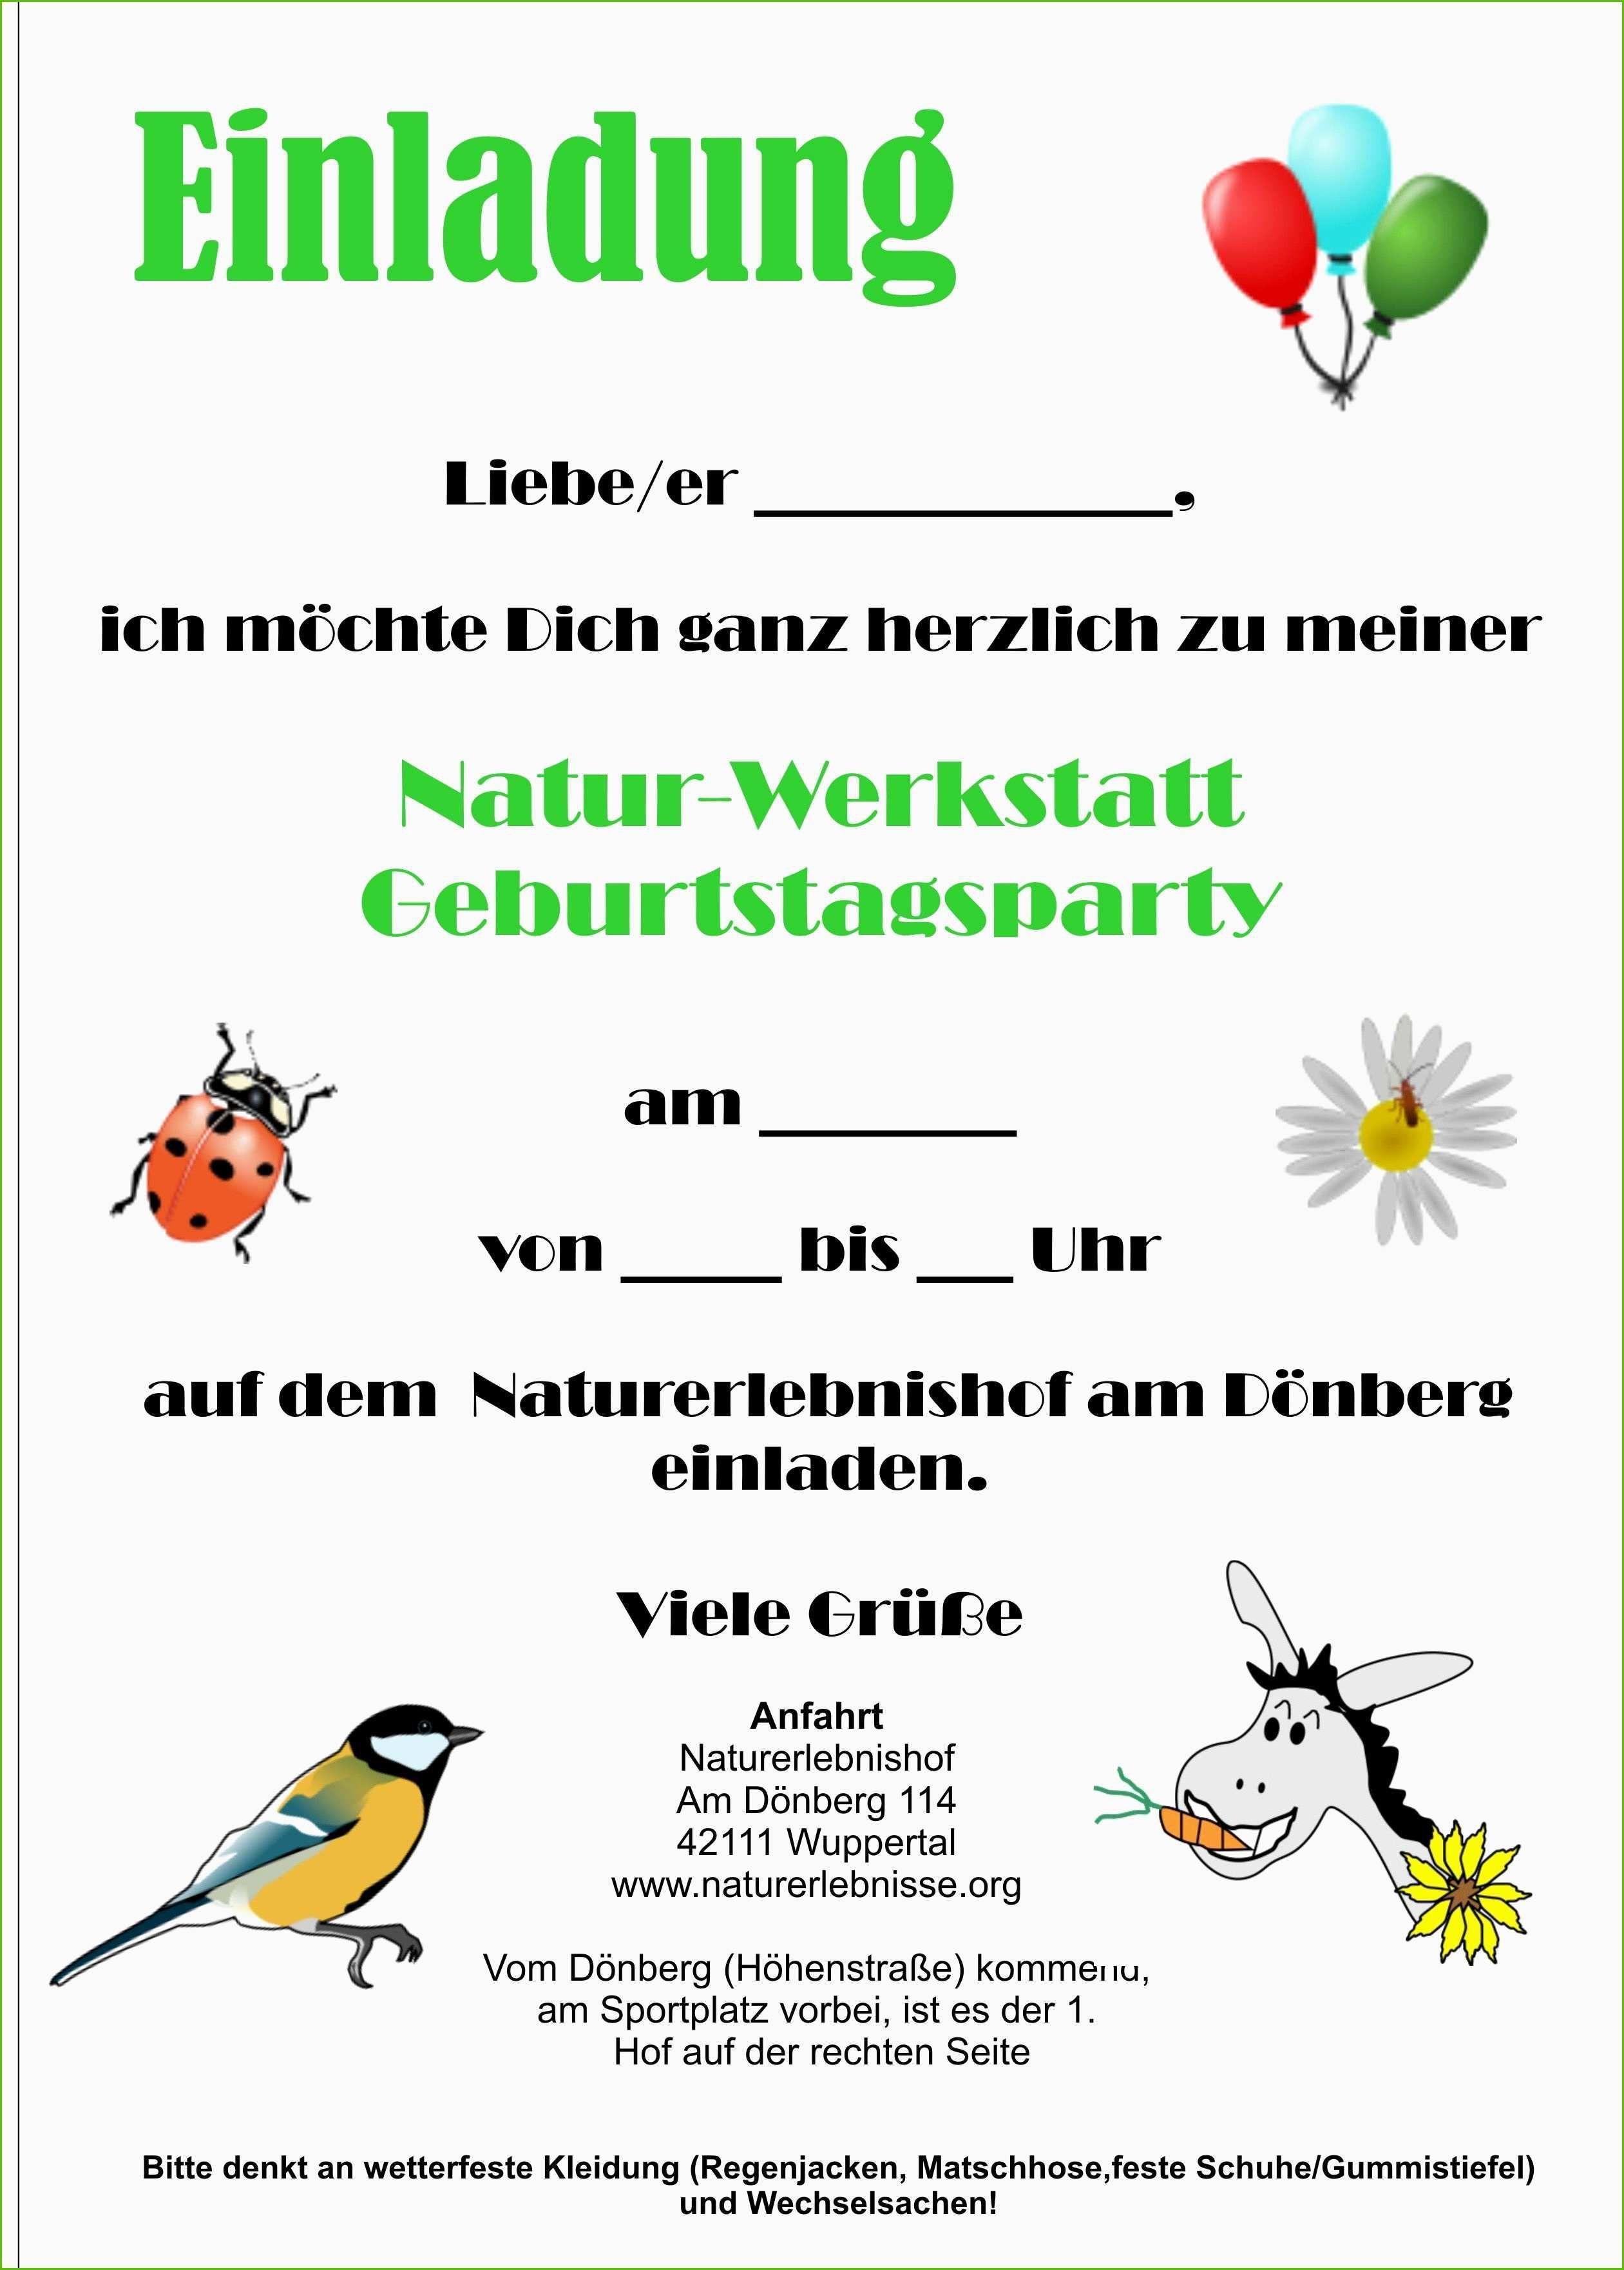 Vorlage Einladung Kindergeburtstag Pages Vorlage Einladung Kinder Vorlage Einladung Kindergeburtstag Einladung Kindergeburtstag Einladung Kindergeburtstag Text